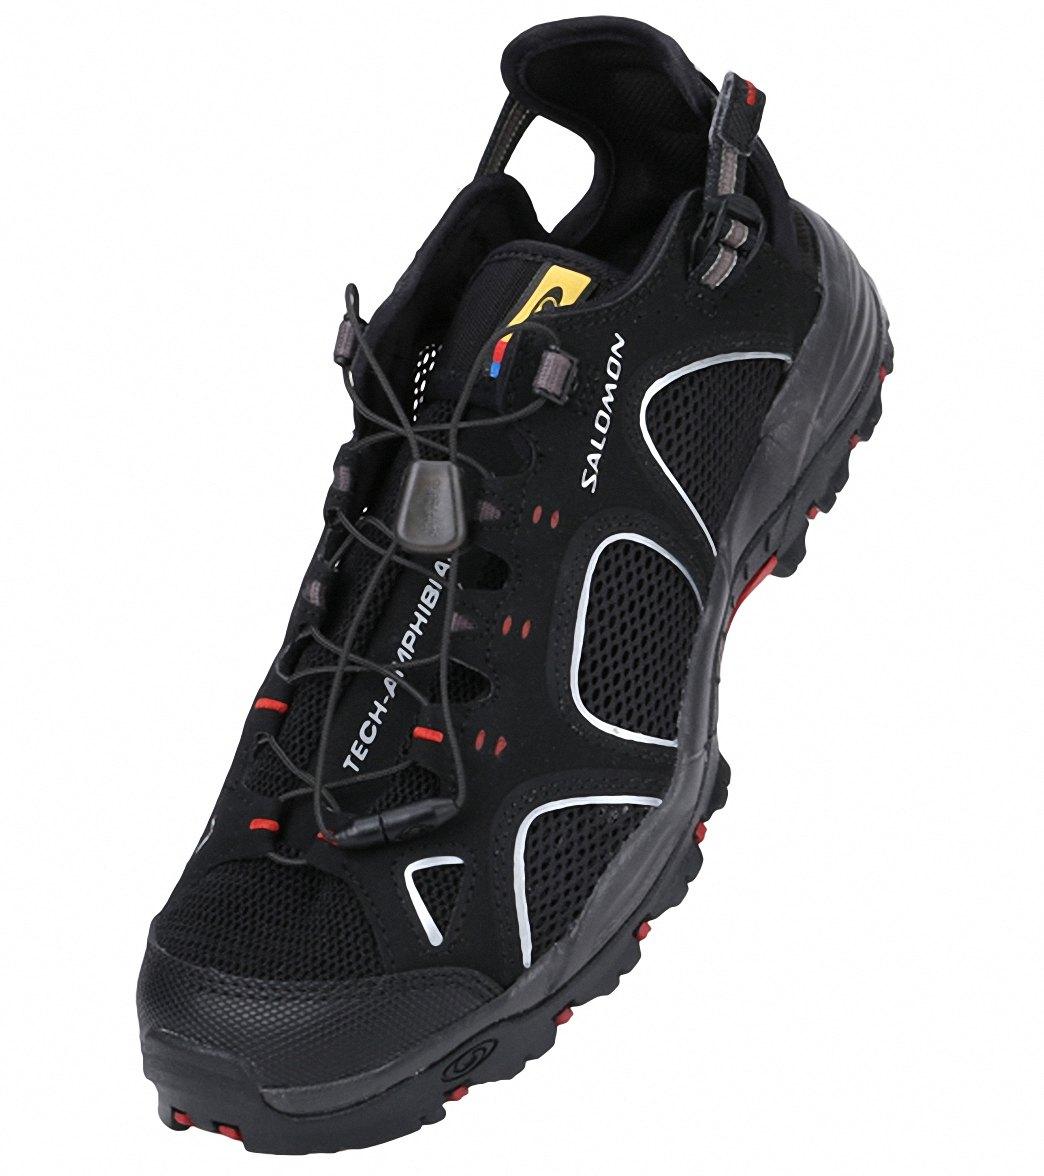 Salomon Techamphibian 3 Water Shoes (41 13)